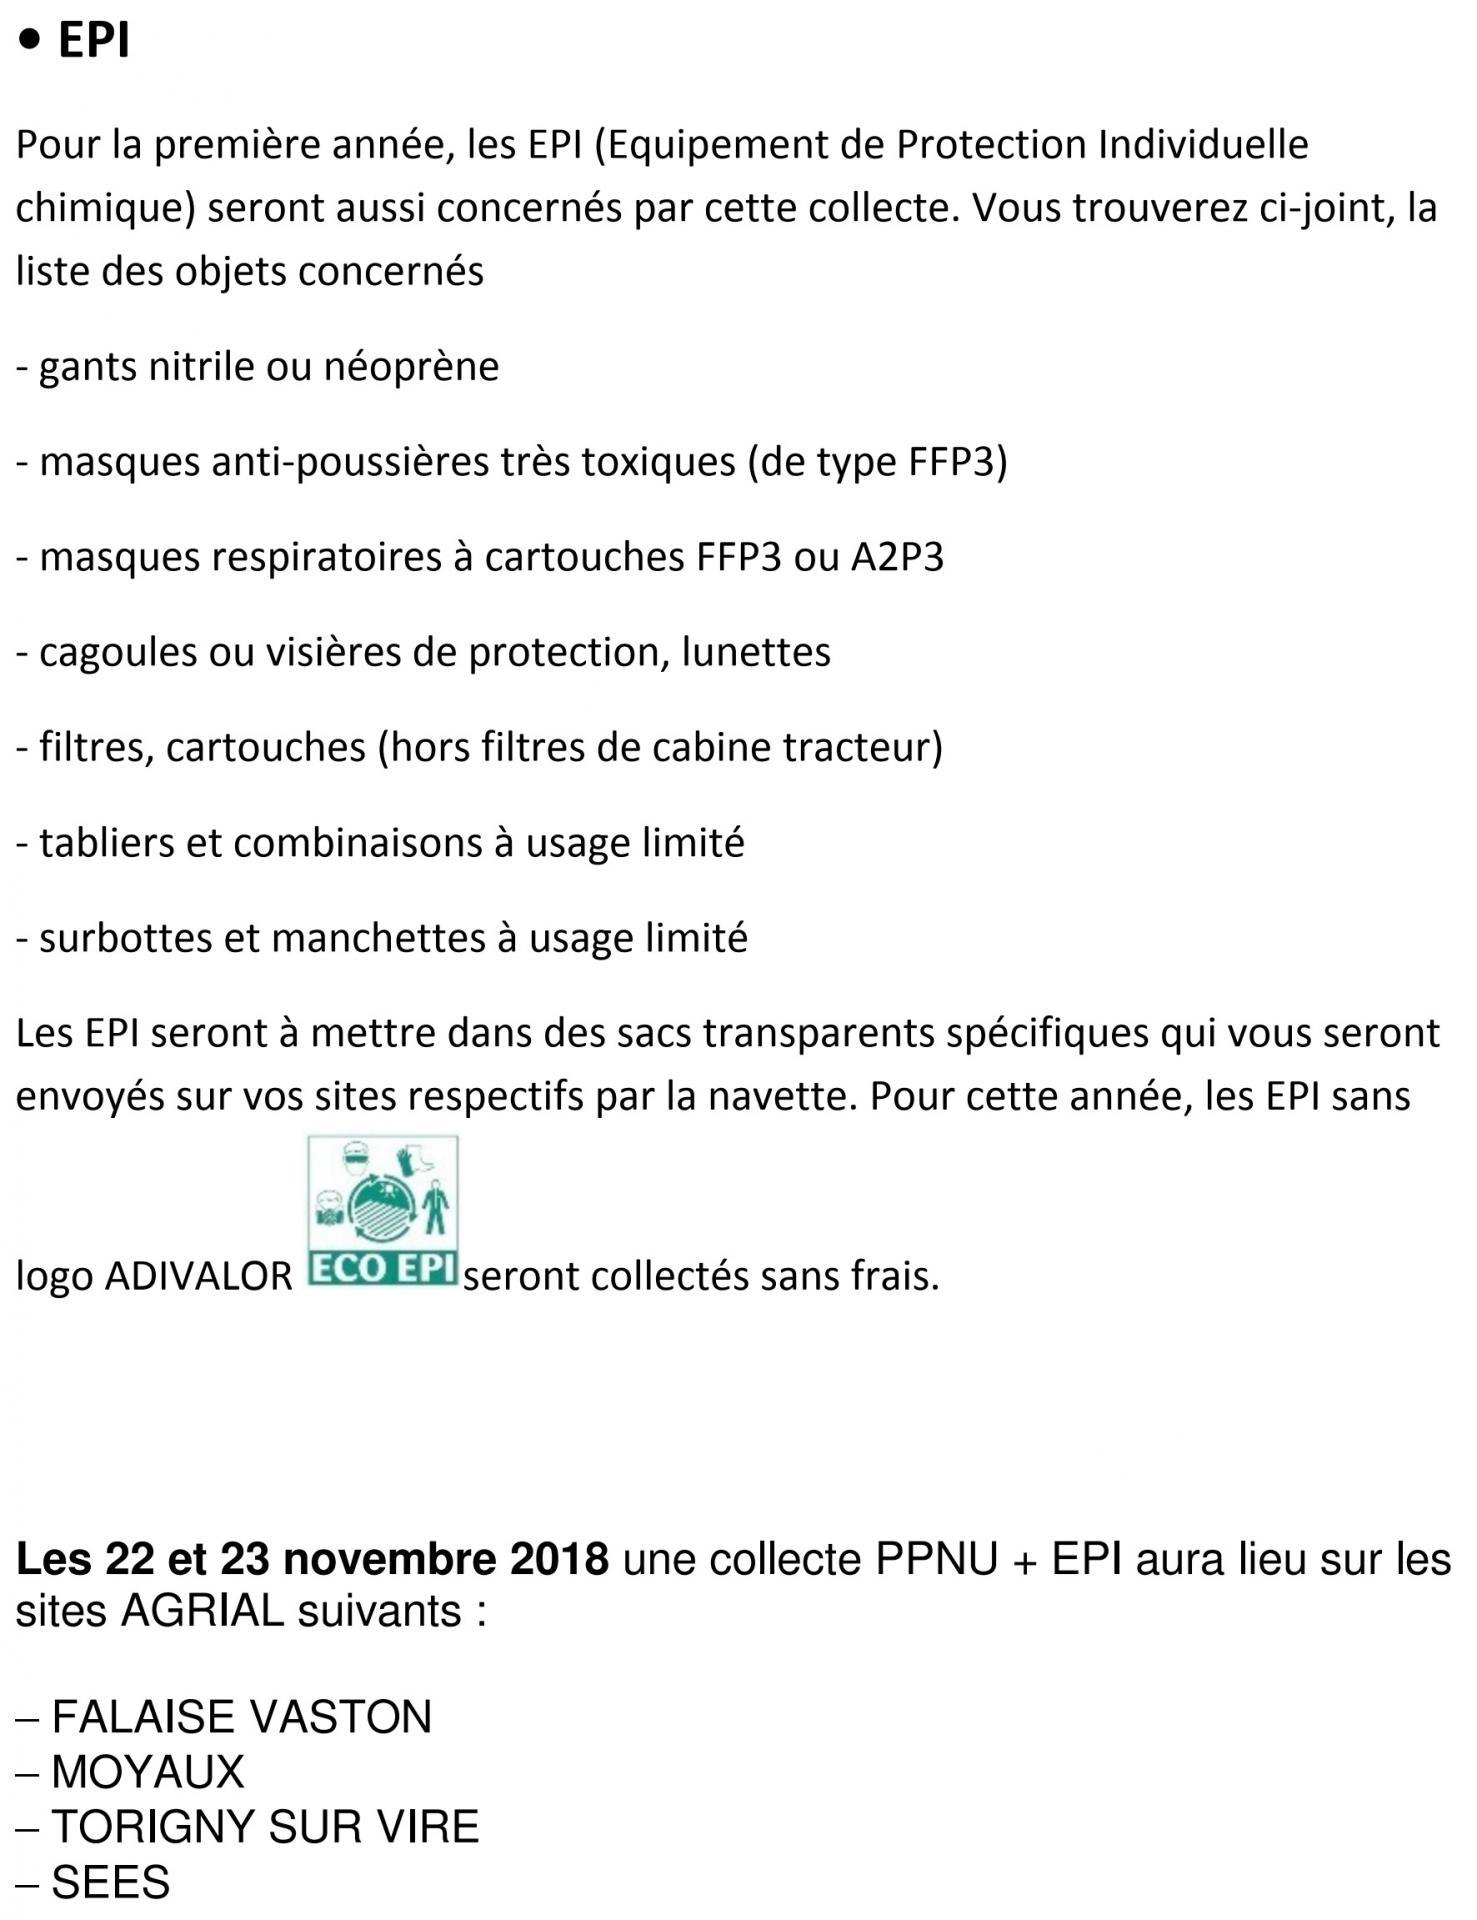 Collecte ppnu et epi p2